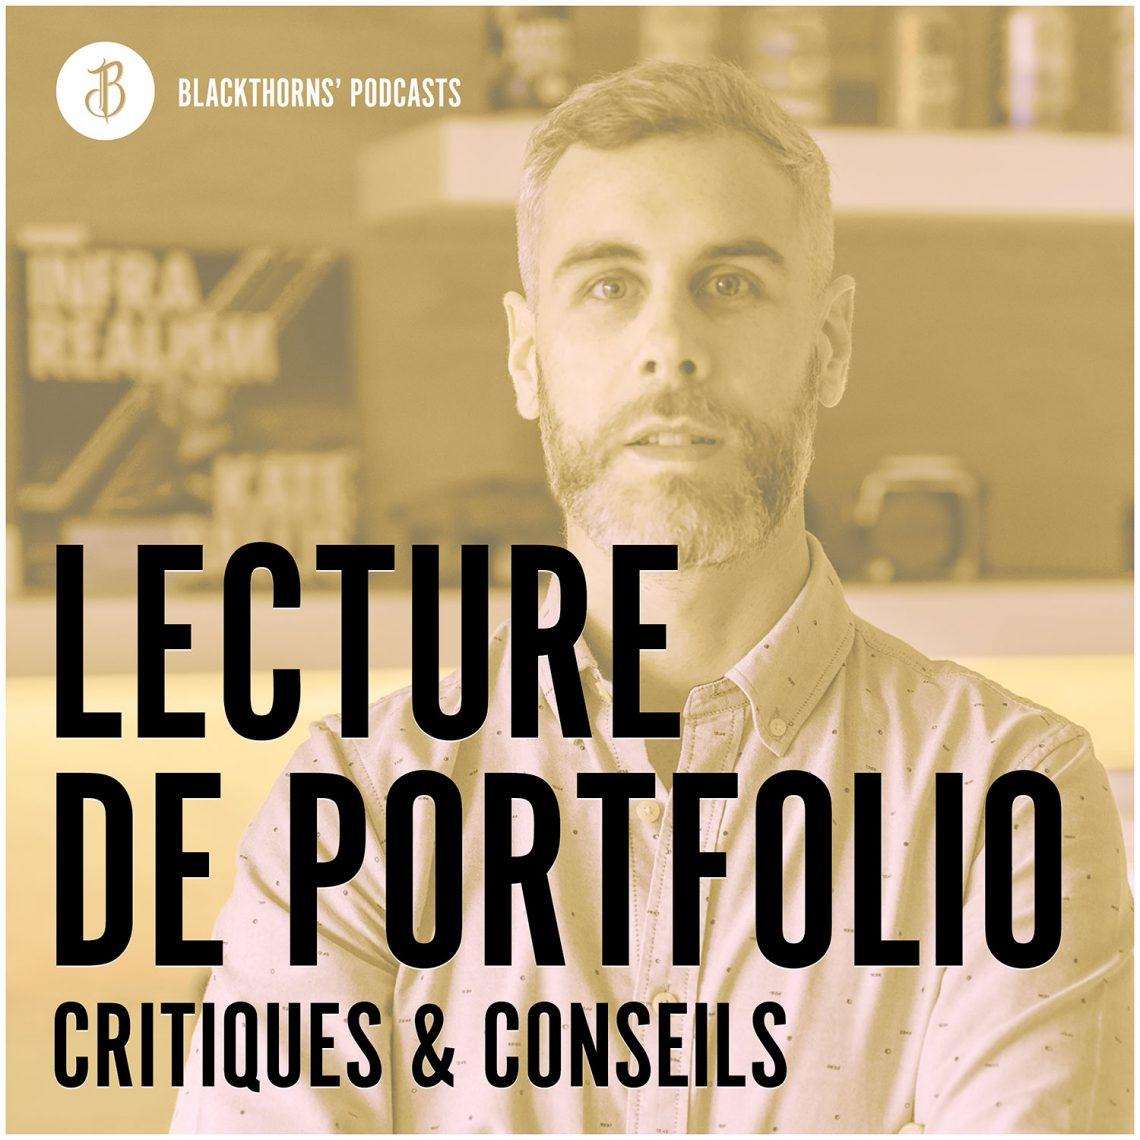 Lecture de portfolio